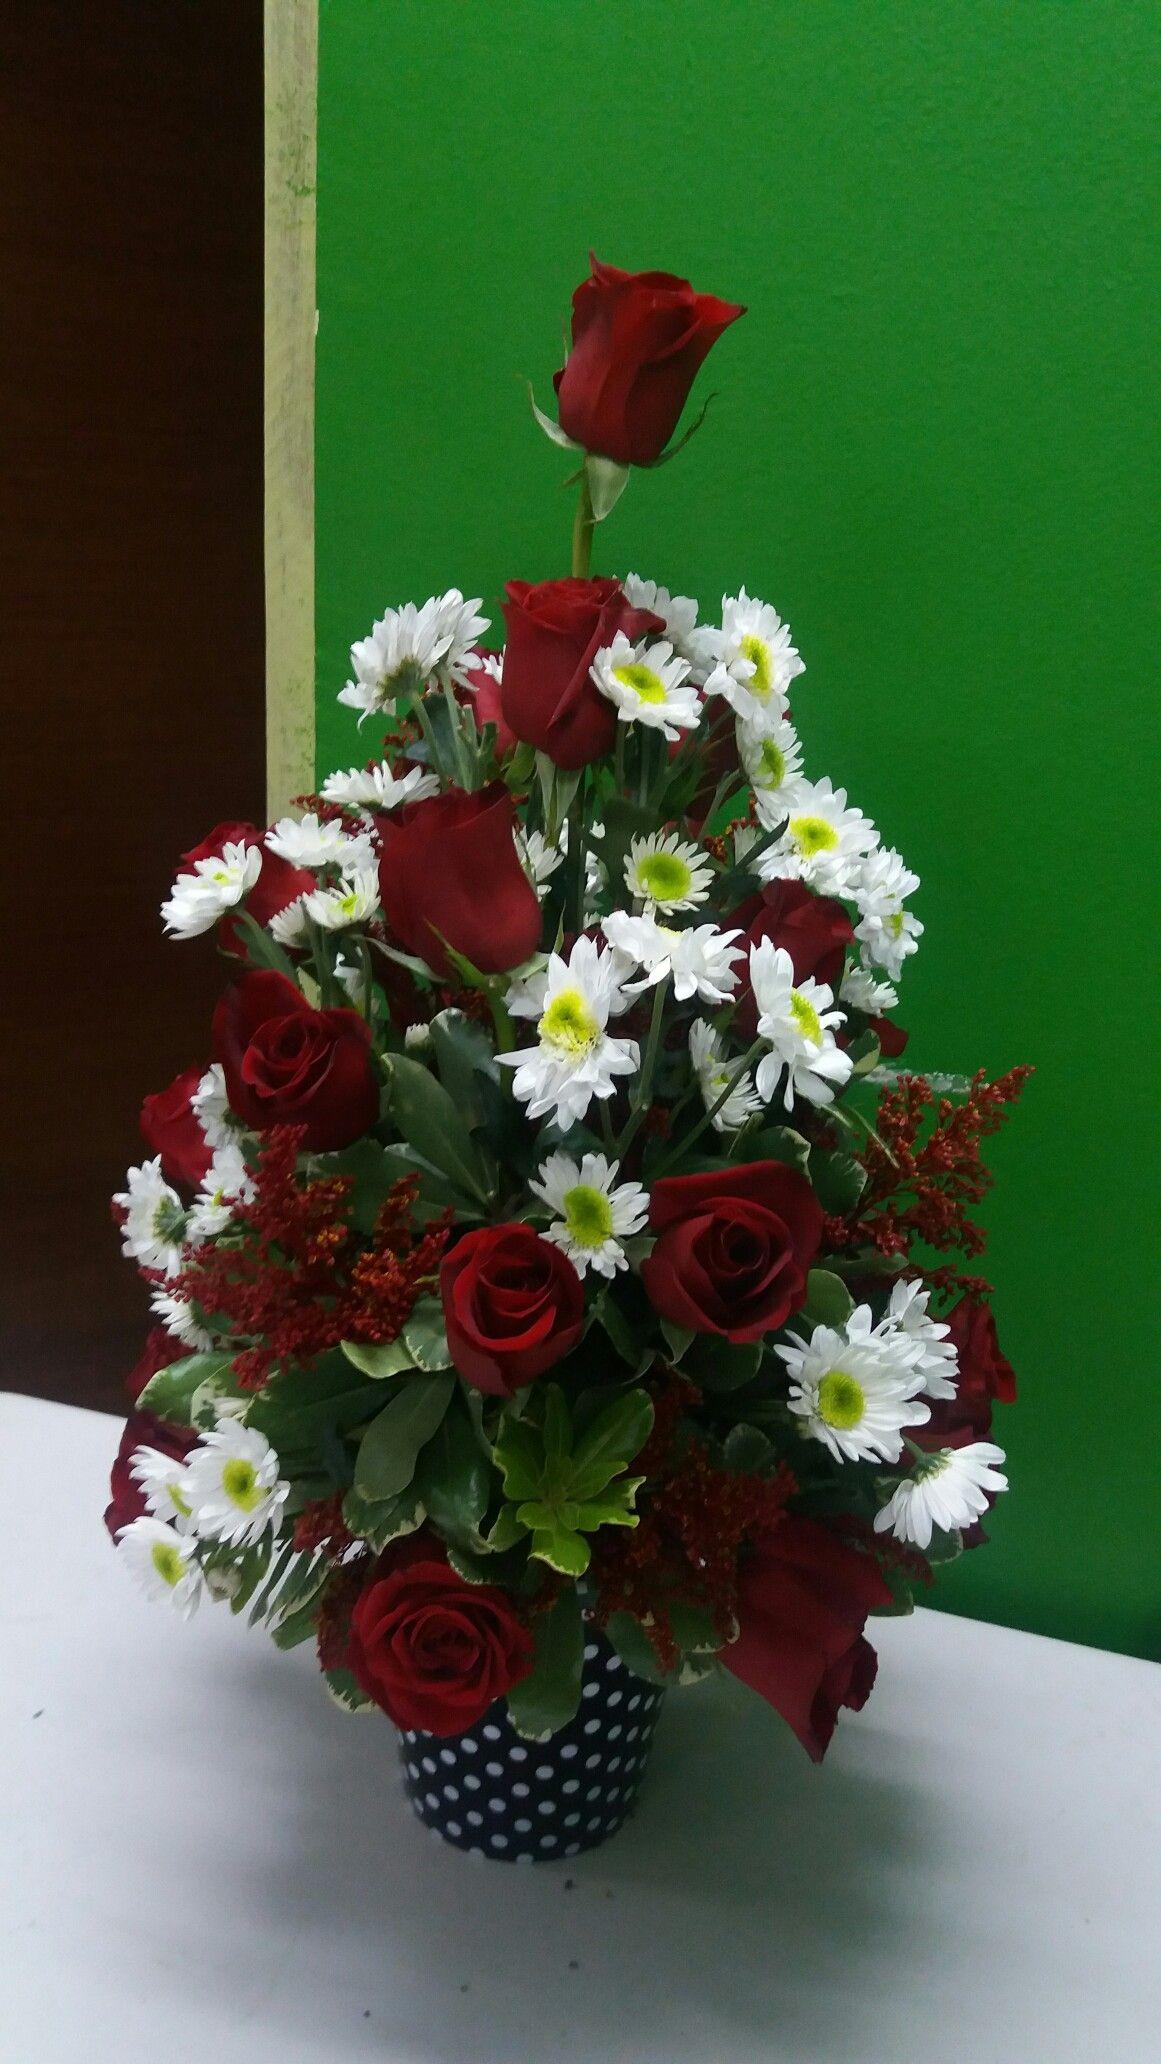 Pin De Juan Carlos Helena En Arreglos Florales Flores De Altar Arreglos Florales Elegantes Arreglos Florales